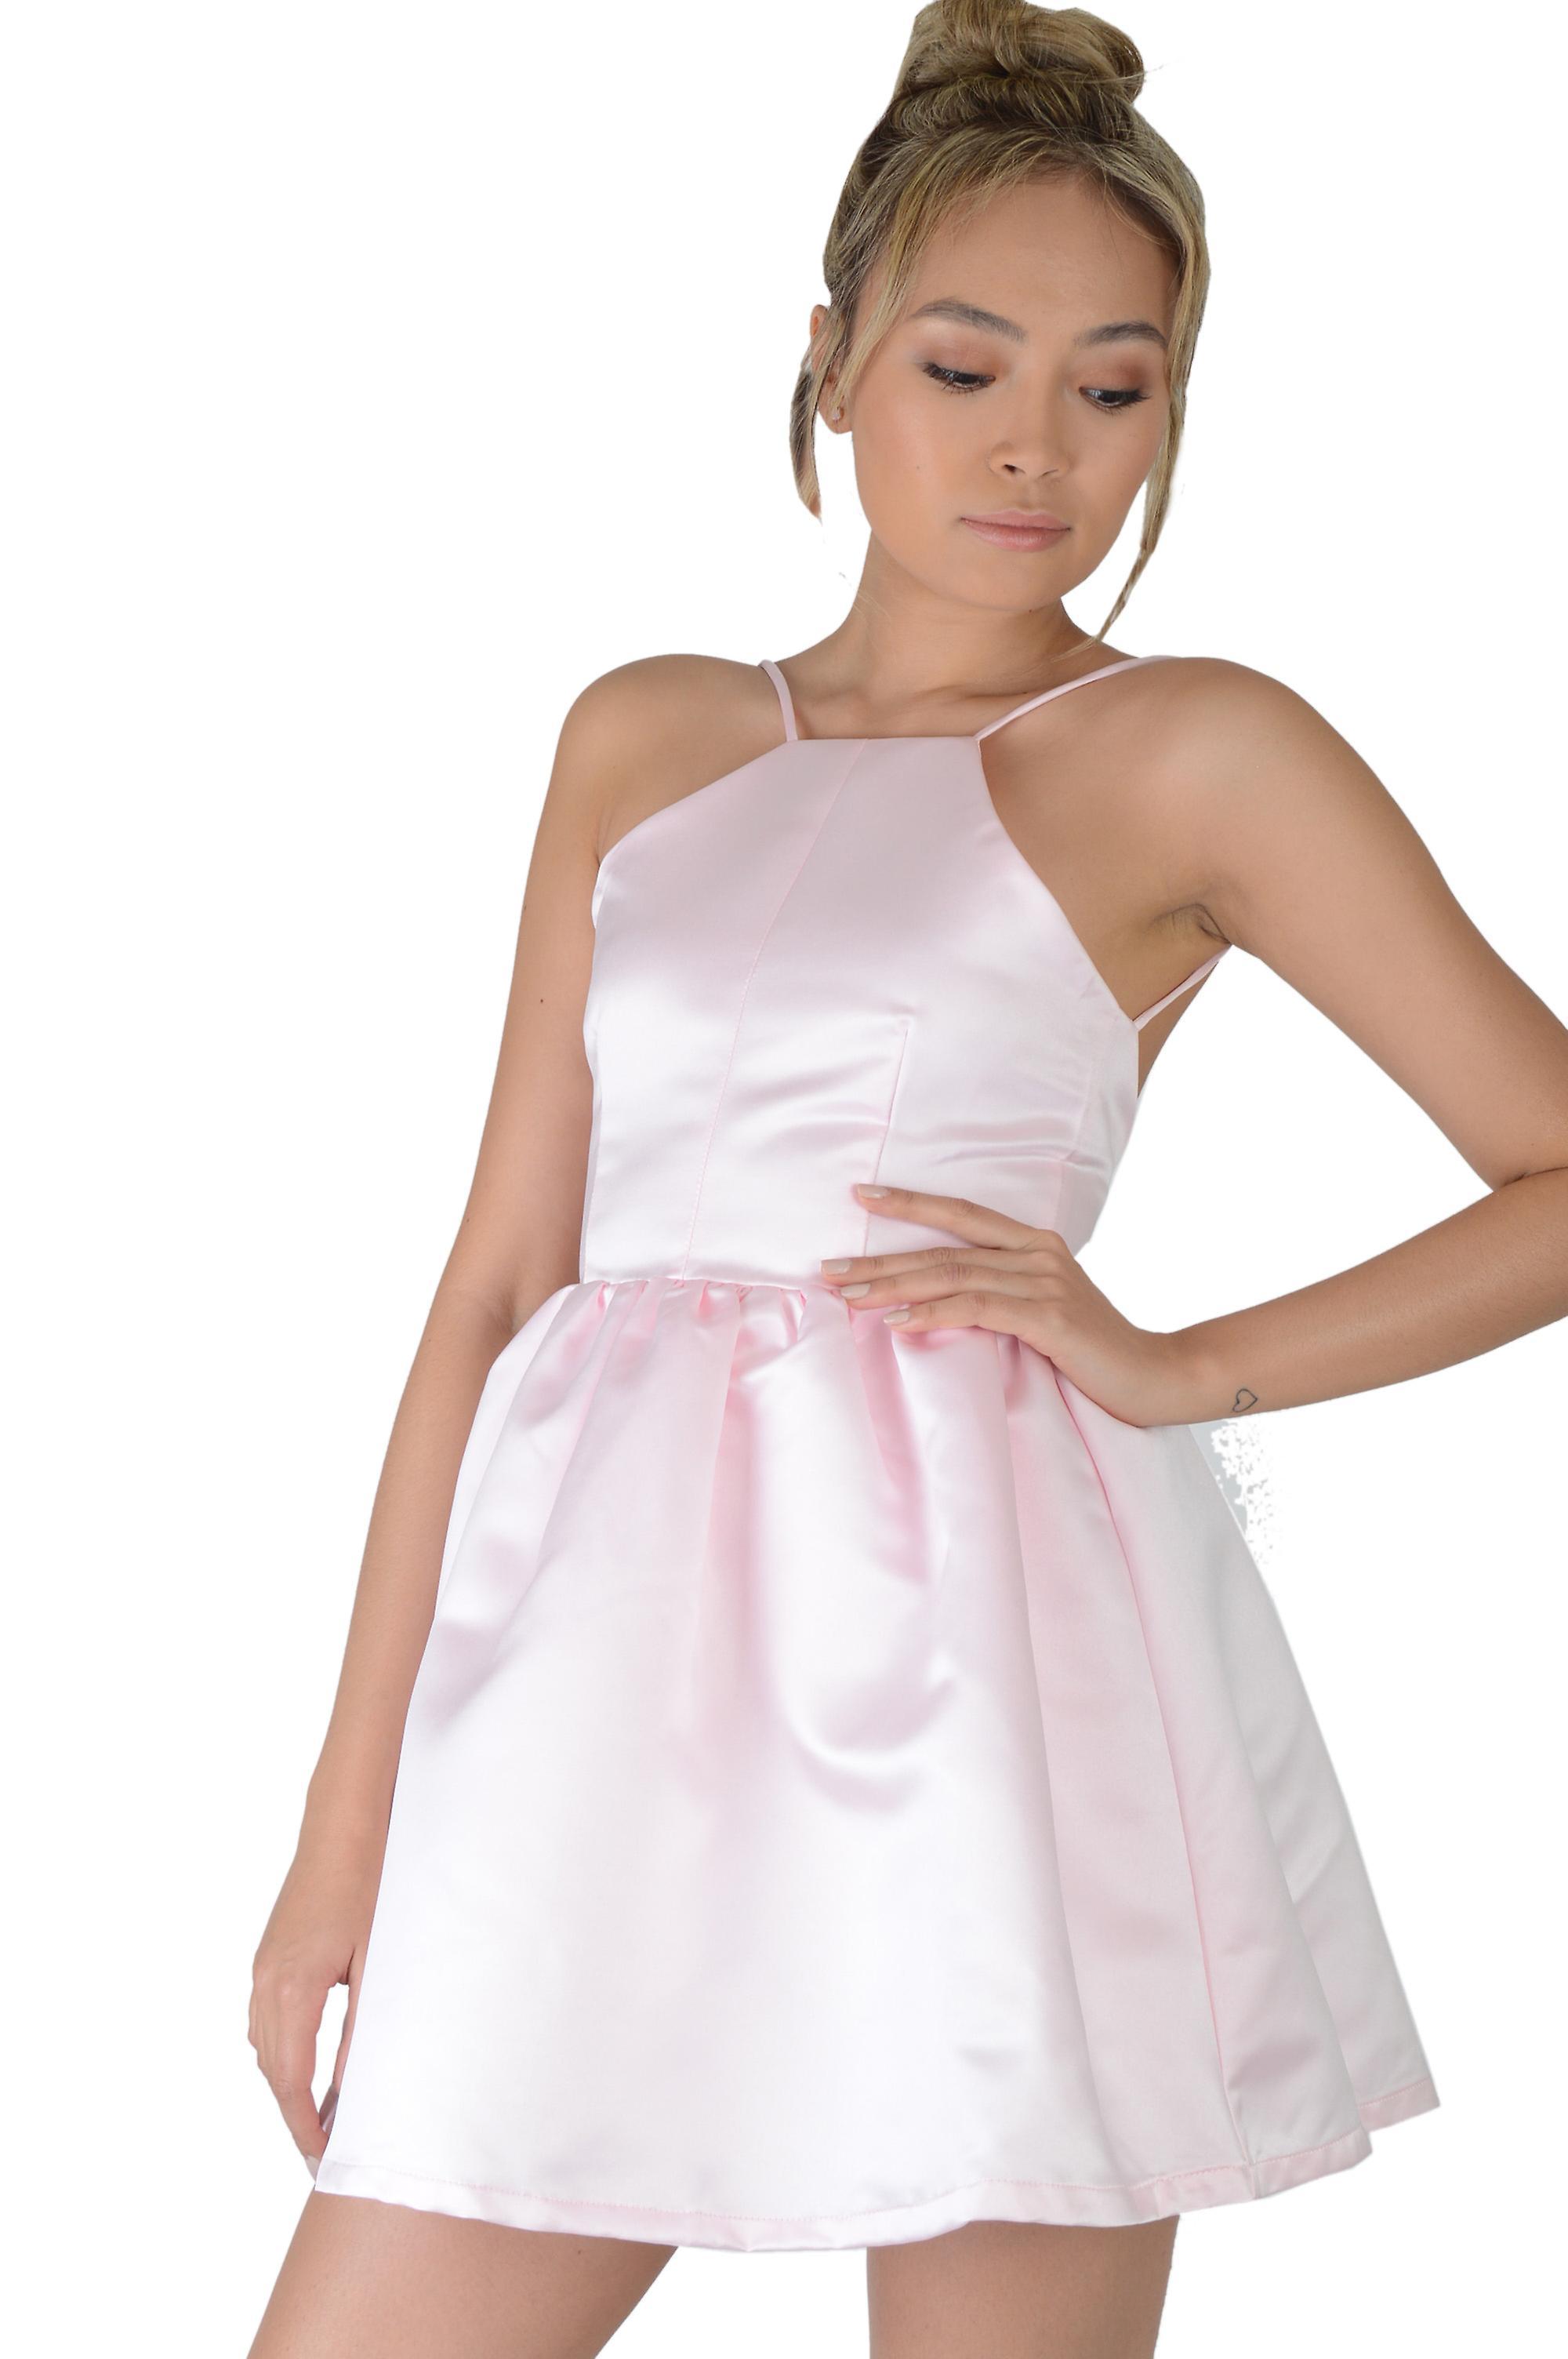 Lovemystyle Pastell Rosa Satin Skater Kleid Mit Unteren Rucken Fruugo De